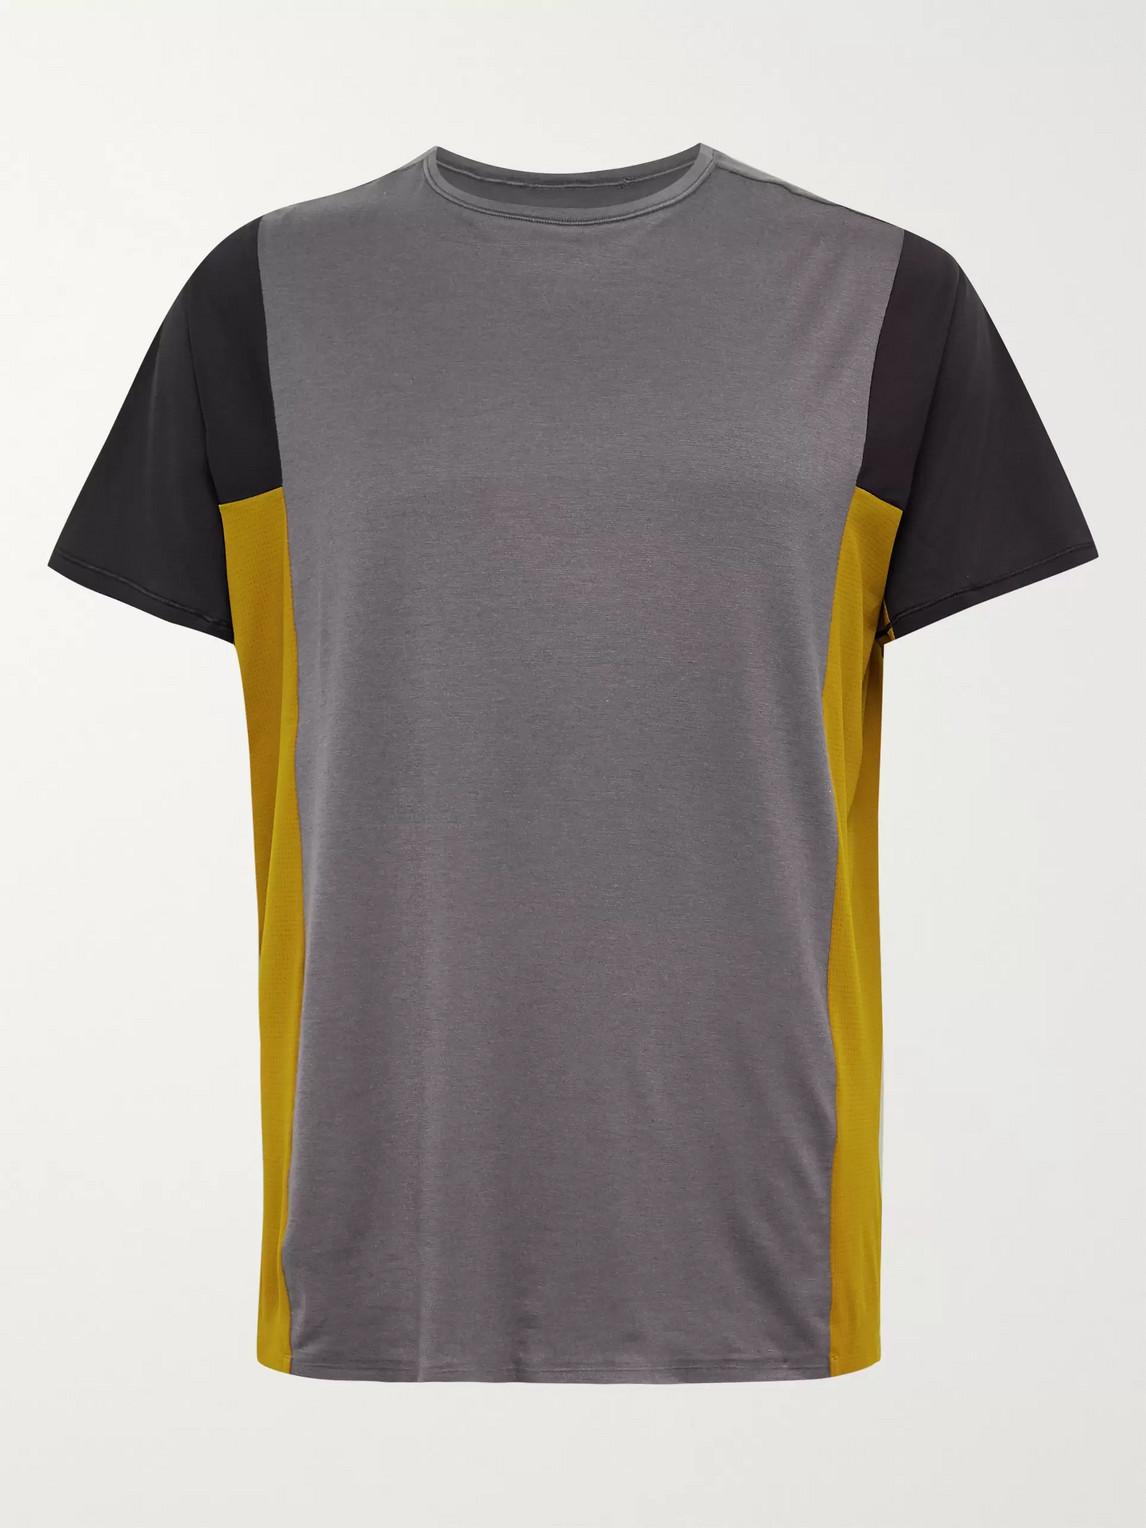 lululemon - robert geller take the moment colour-block mesh t-shirt - men - purple